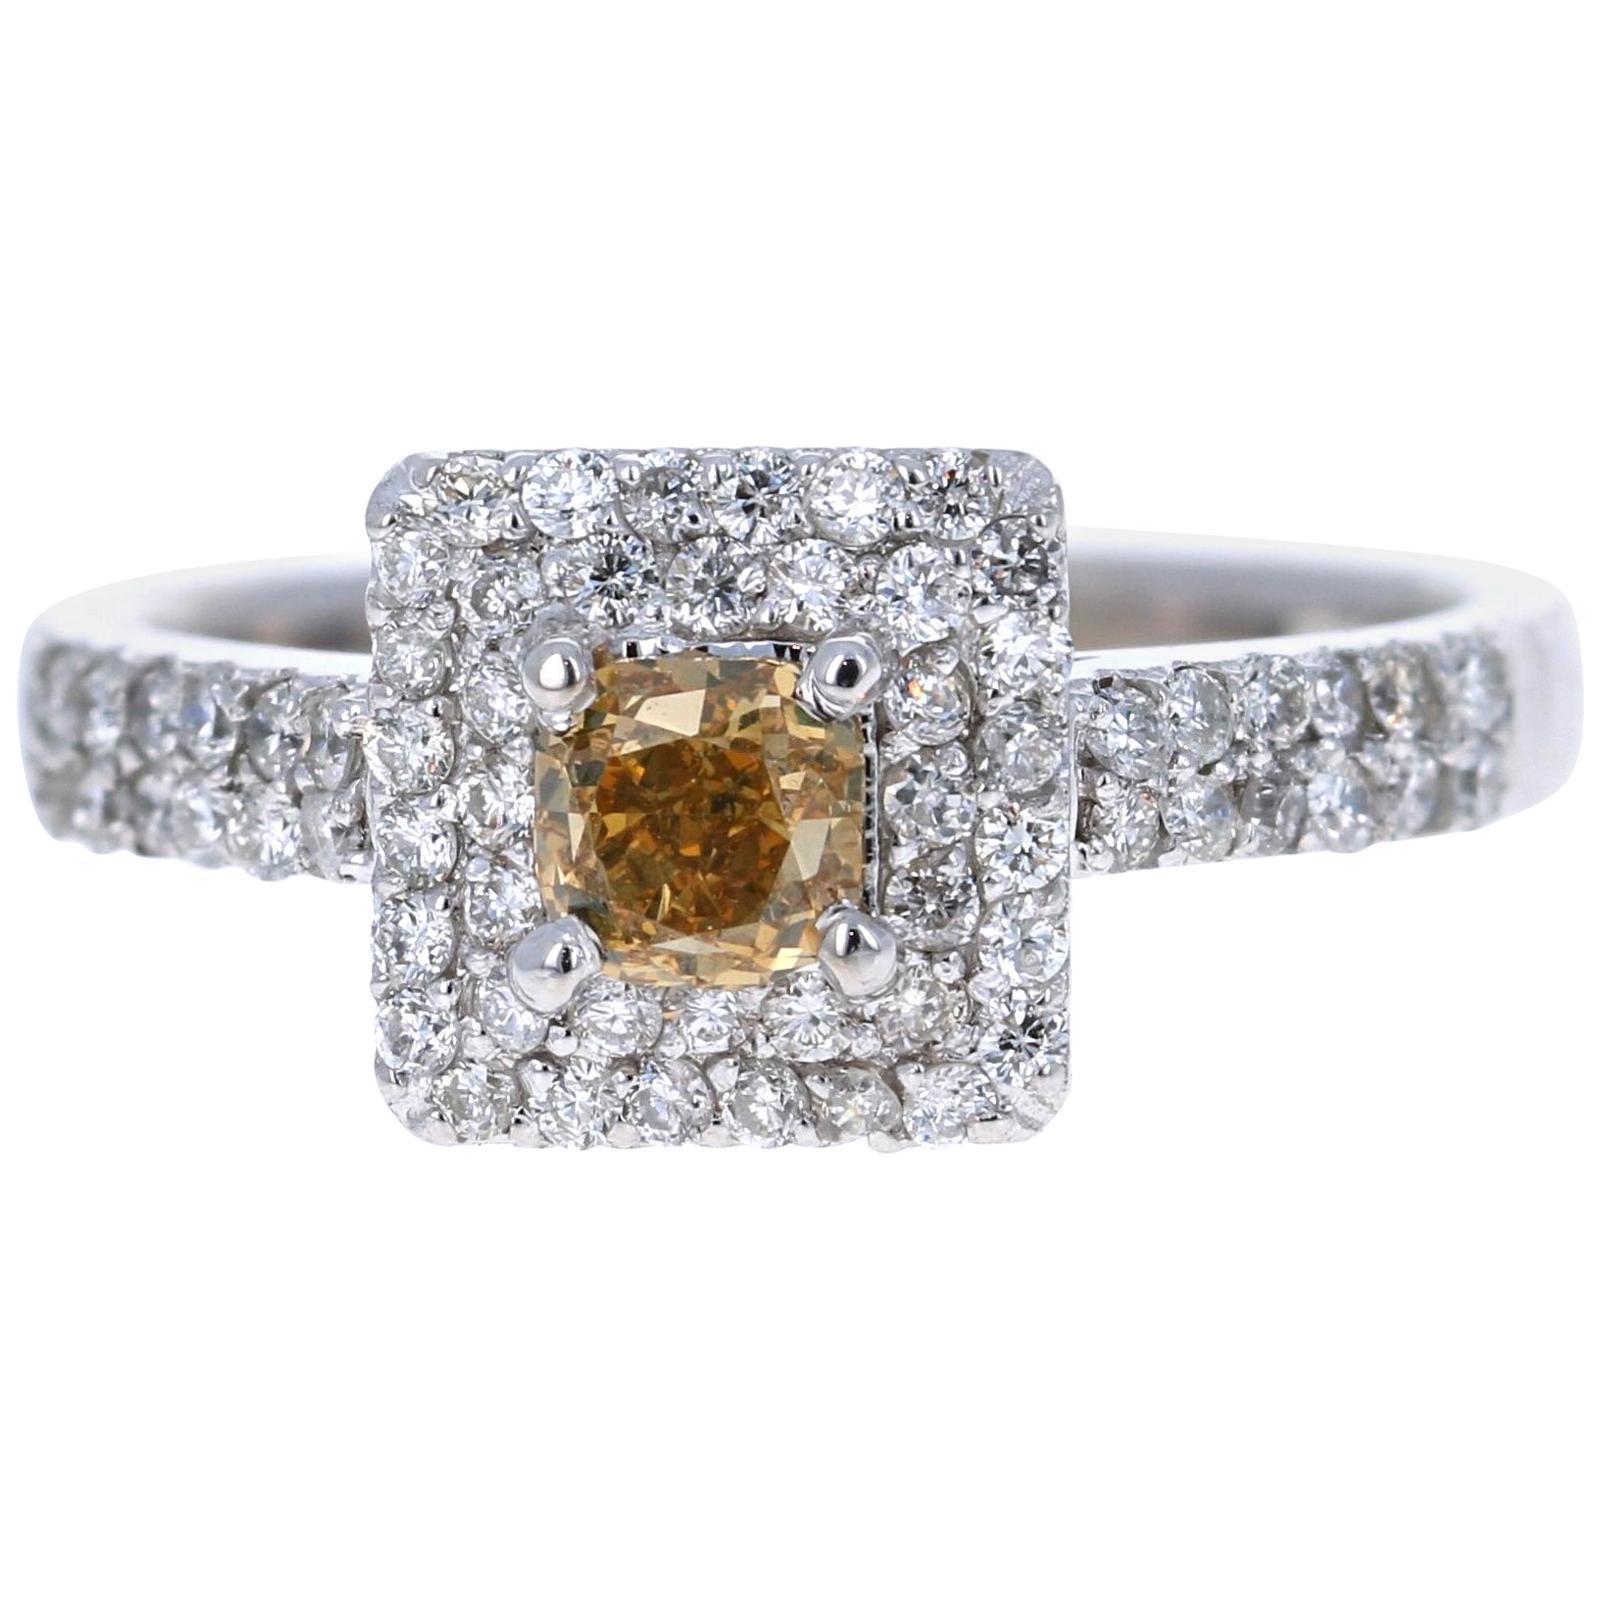 1.11 Carat Fancy Champagne Diamond Engagement 14 Karat White Gold Ring